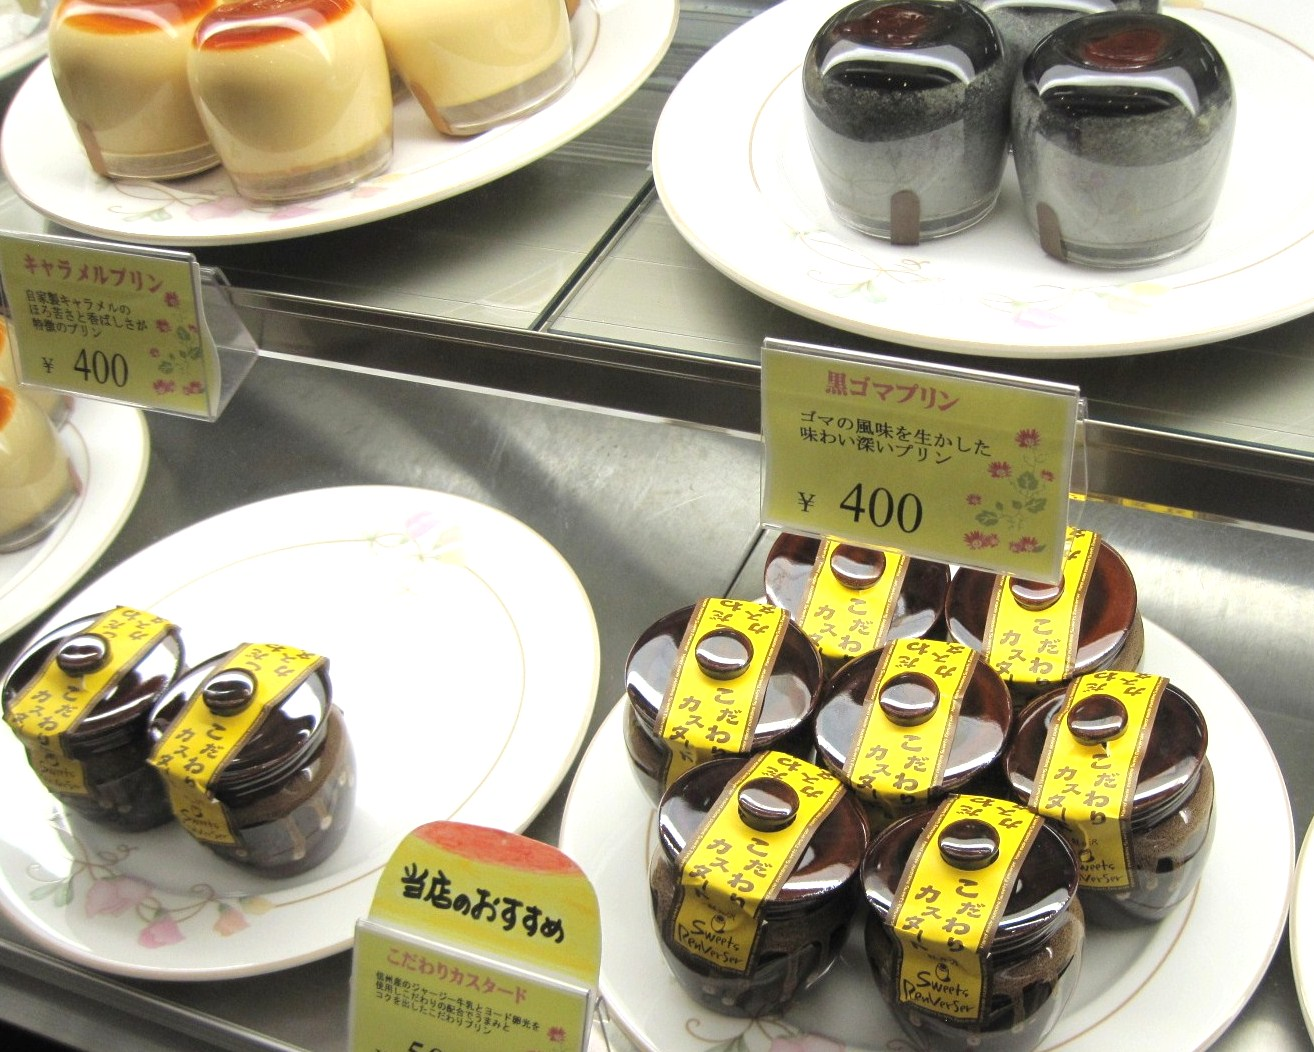 プリン専門店・Sweets RenVerSer/ スイーツ ランベルセ @北軽井沢_f0236260_16242518.jpg